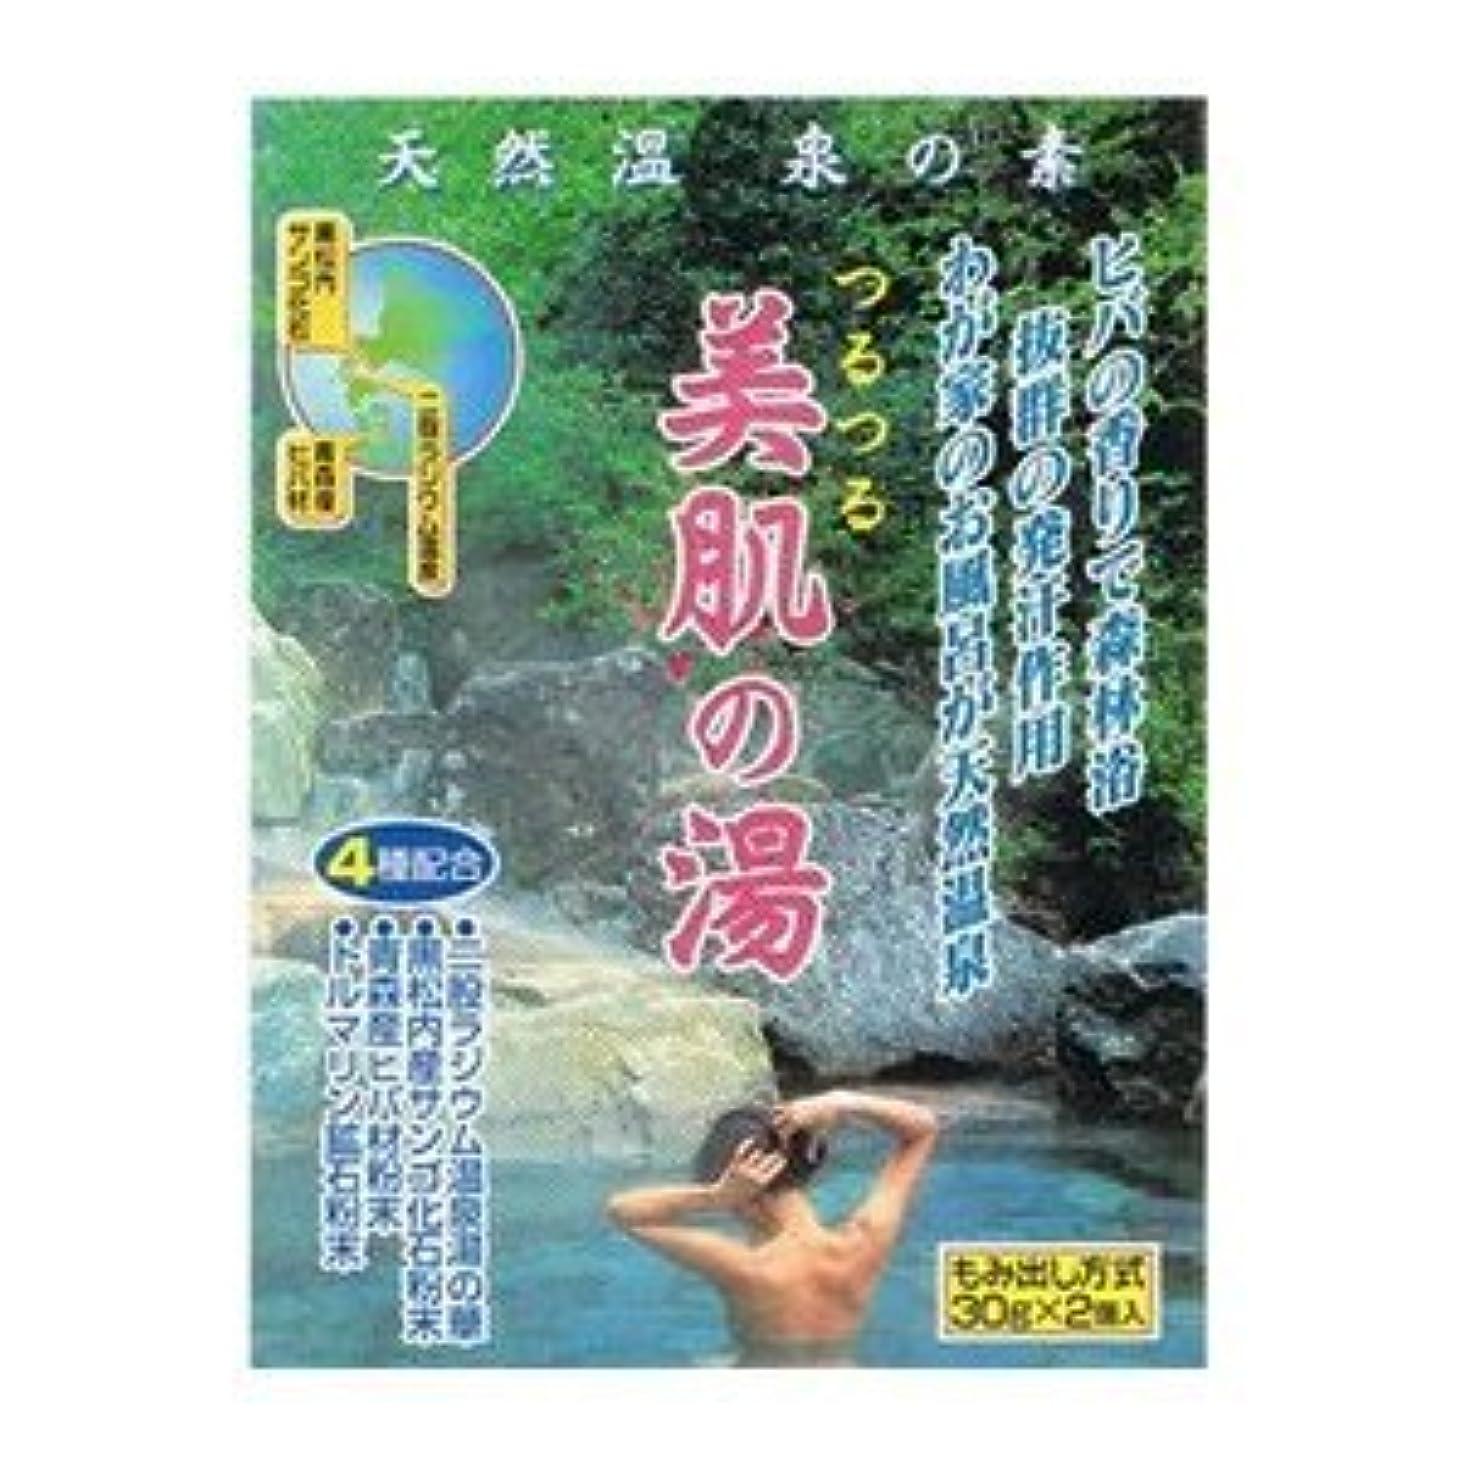 一時停止幻想熟す天然温泉の素 美肌の湯 (30g×2個入)×3袋セット